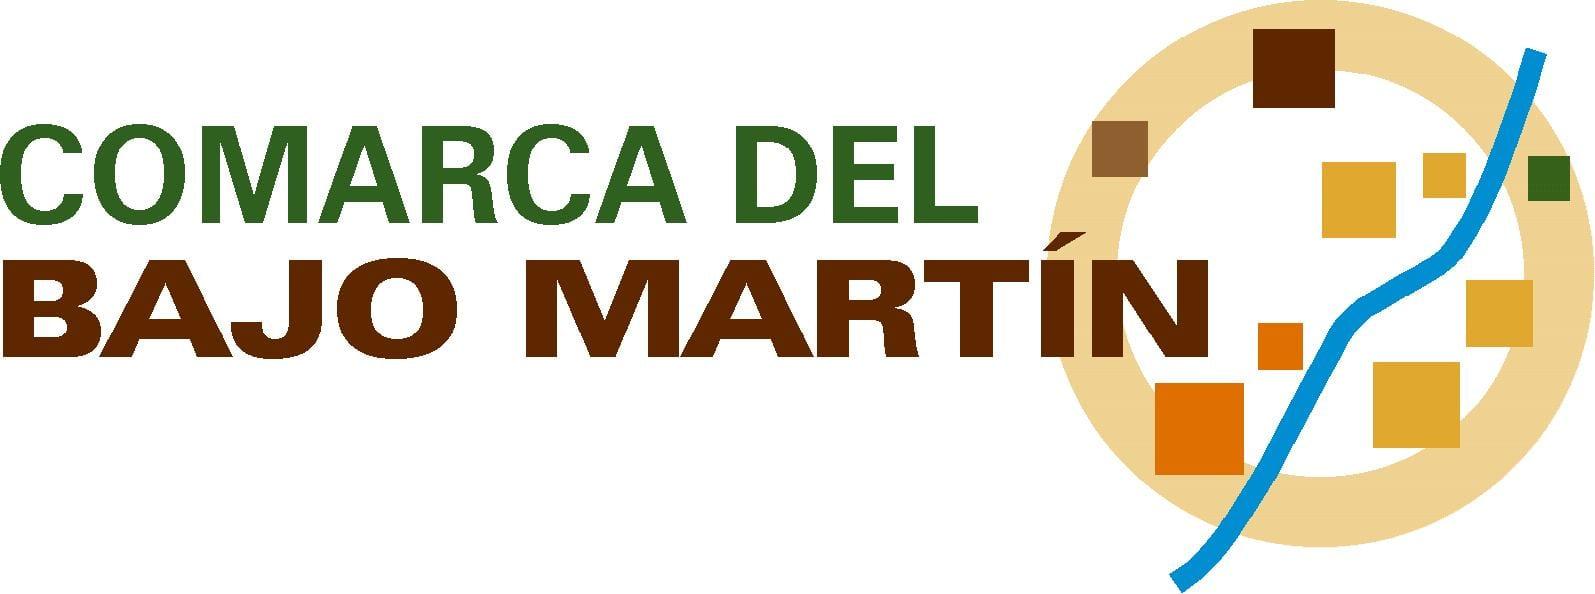 ATADI y la Comarca del Bajo Martín renuevan su convenio de colaboración